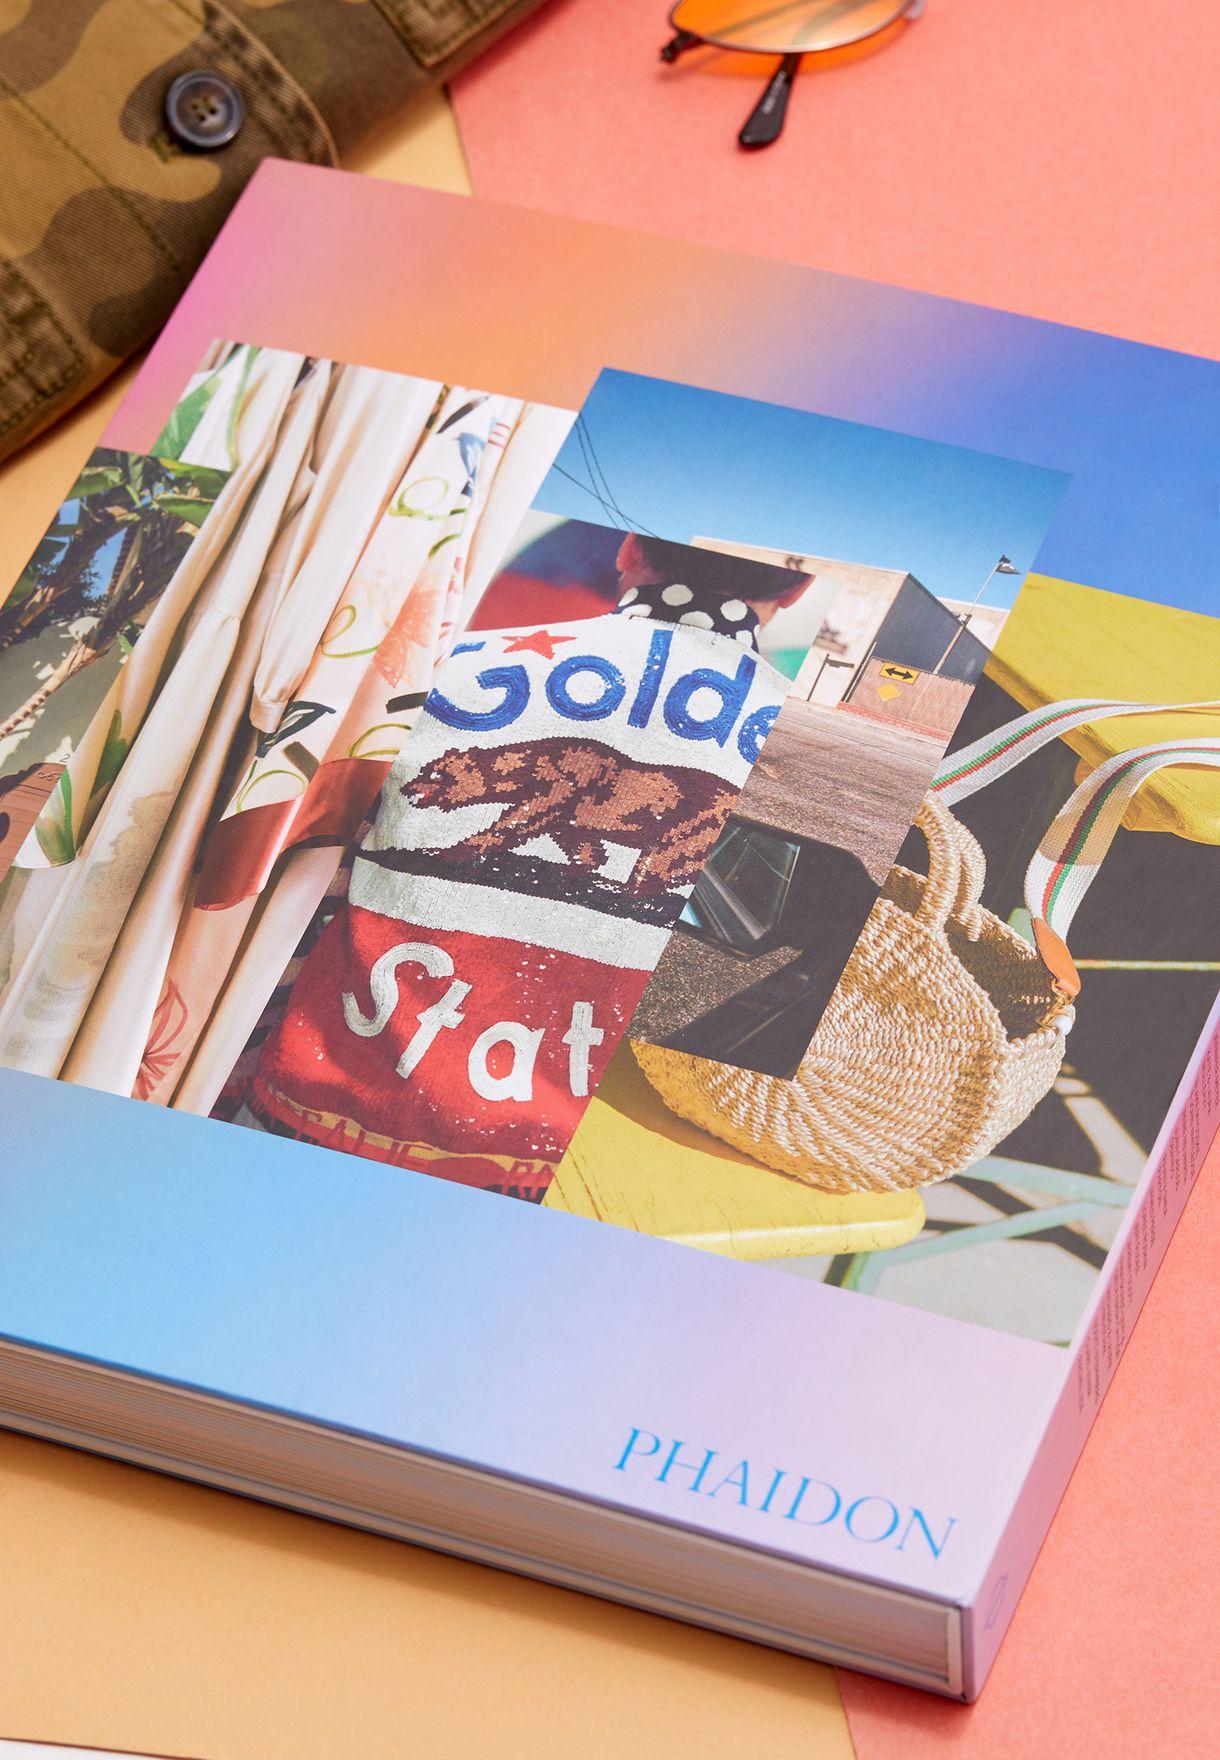 كتاب الموضة في لوس انجلوس